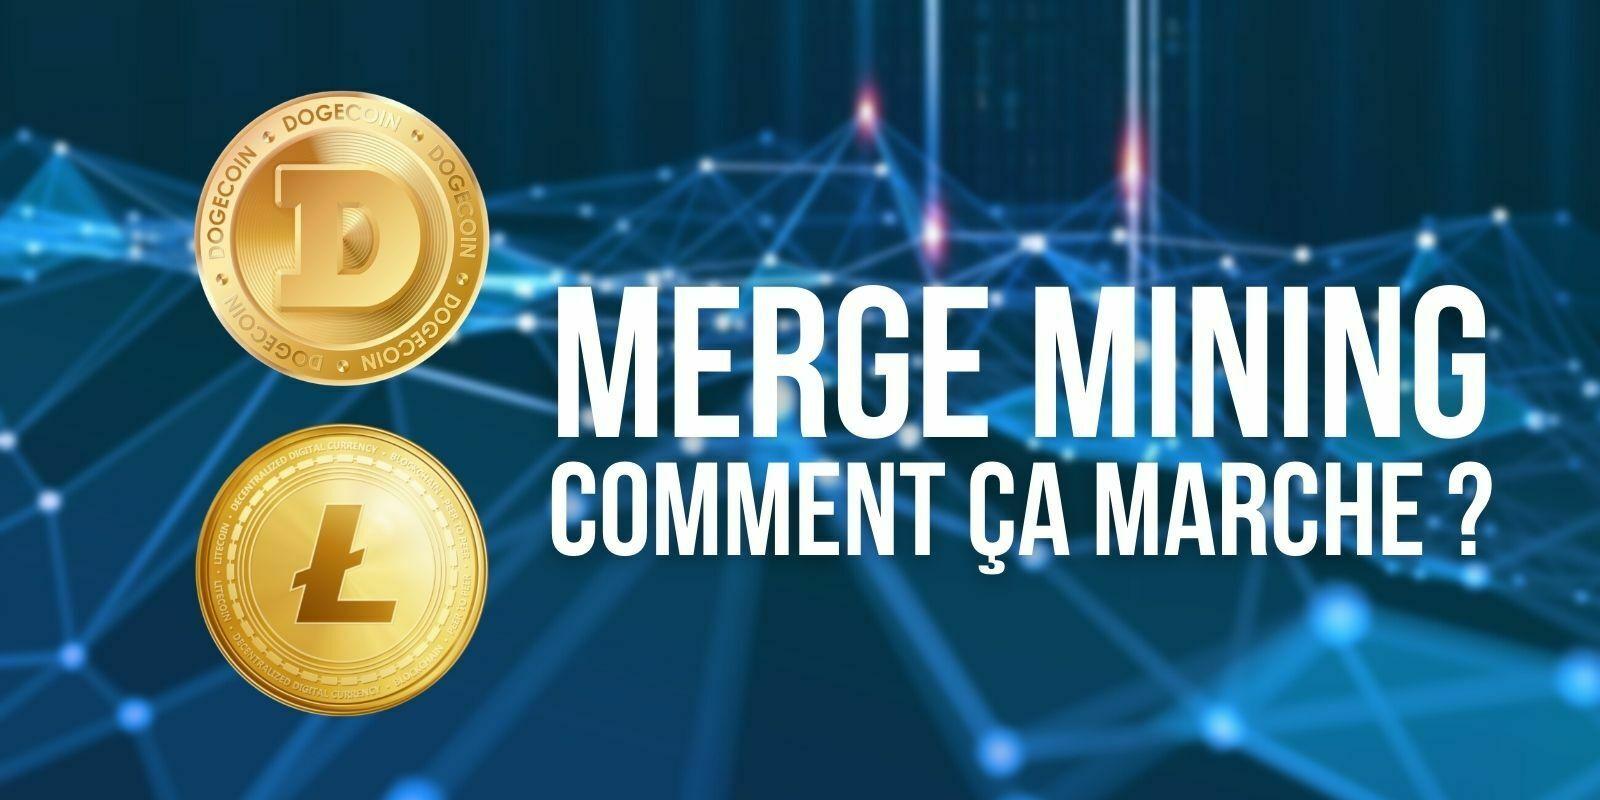 Merge mining : la hausse du Dogecoin (DOGE) incite à miner du Litecoin (LTC)